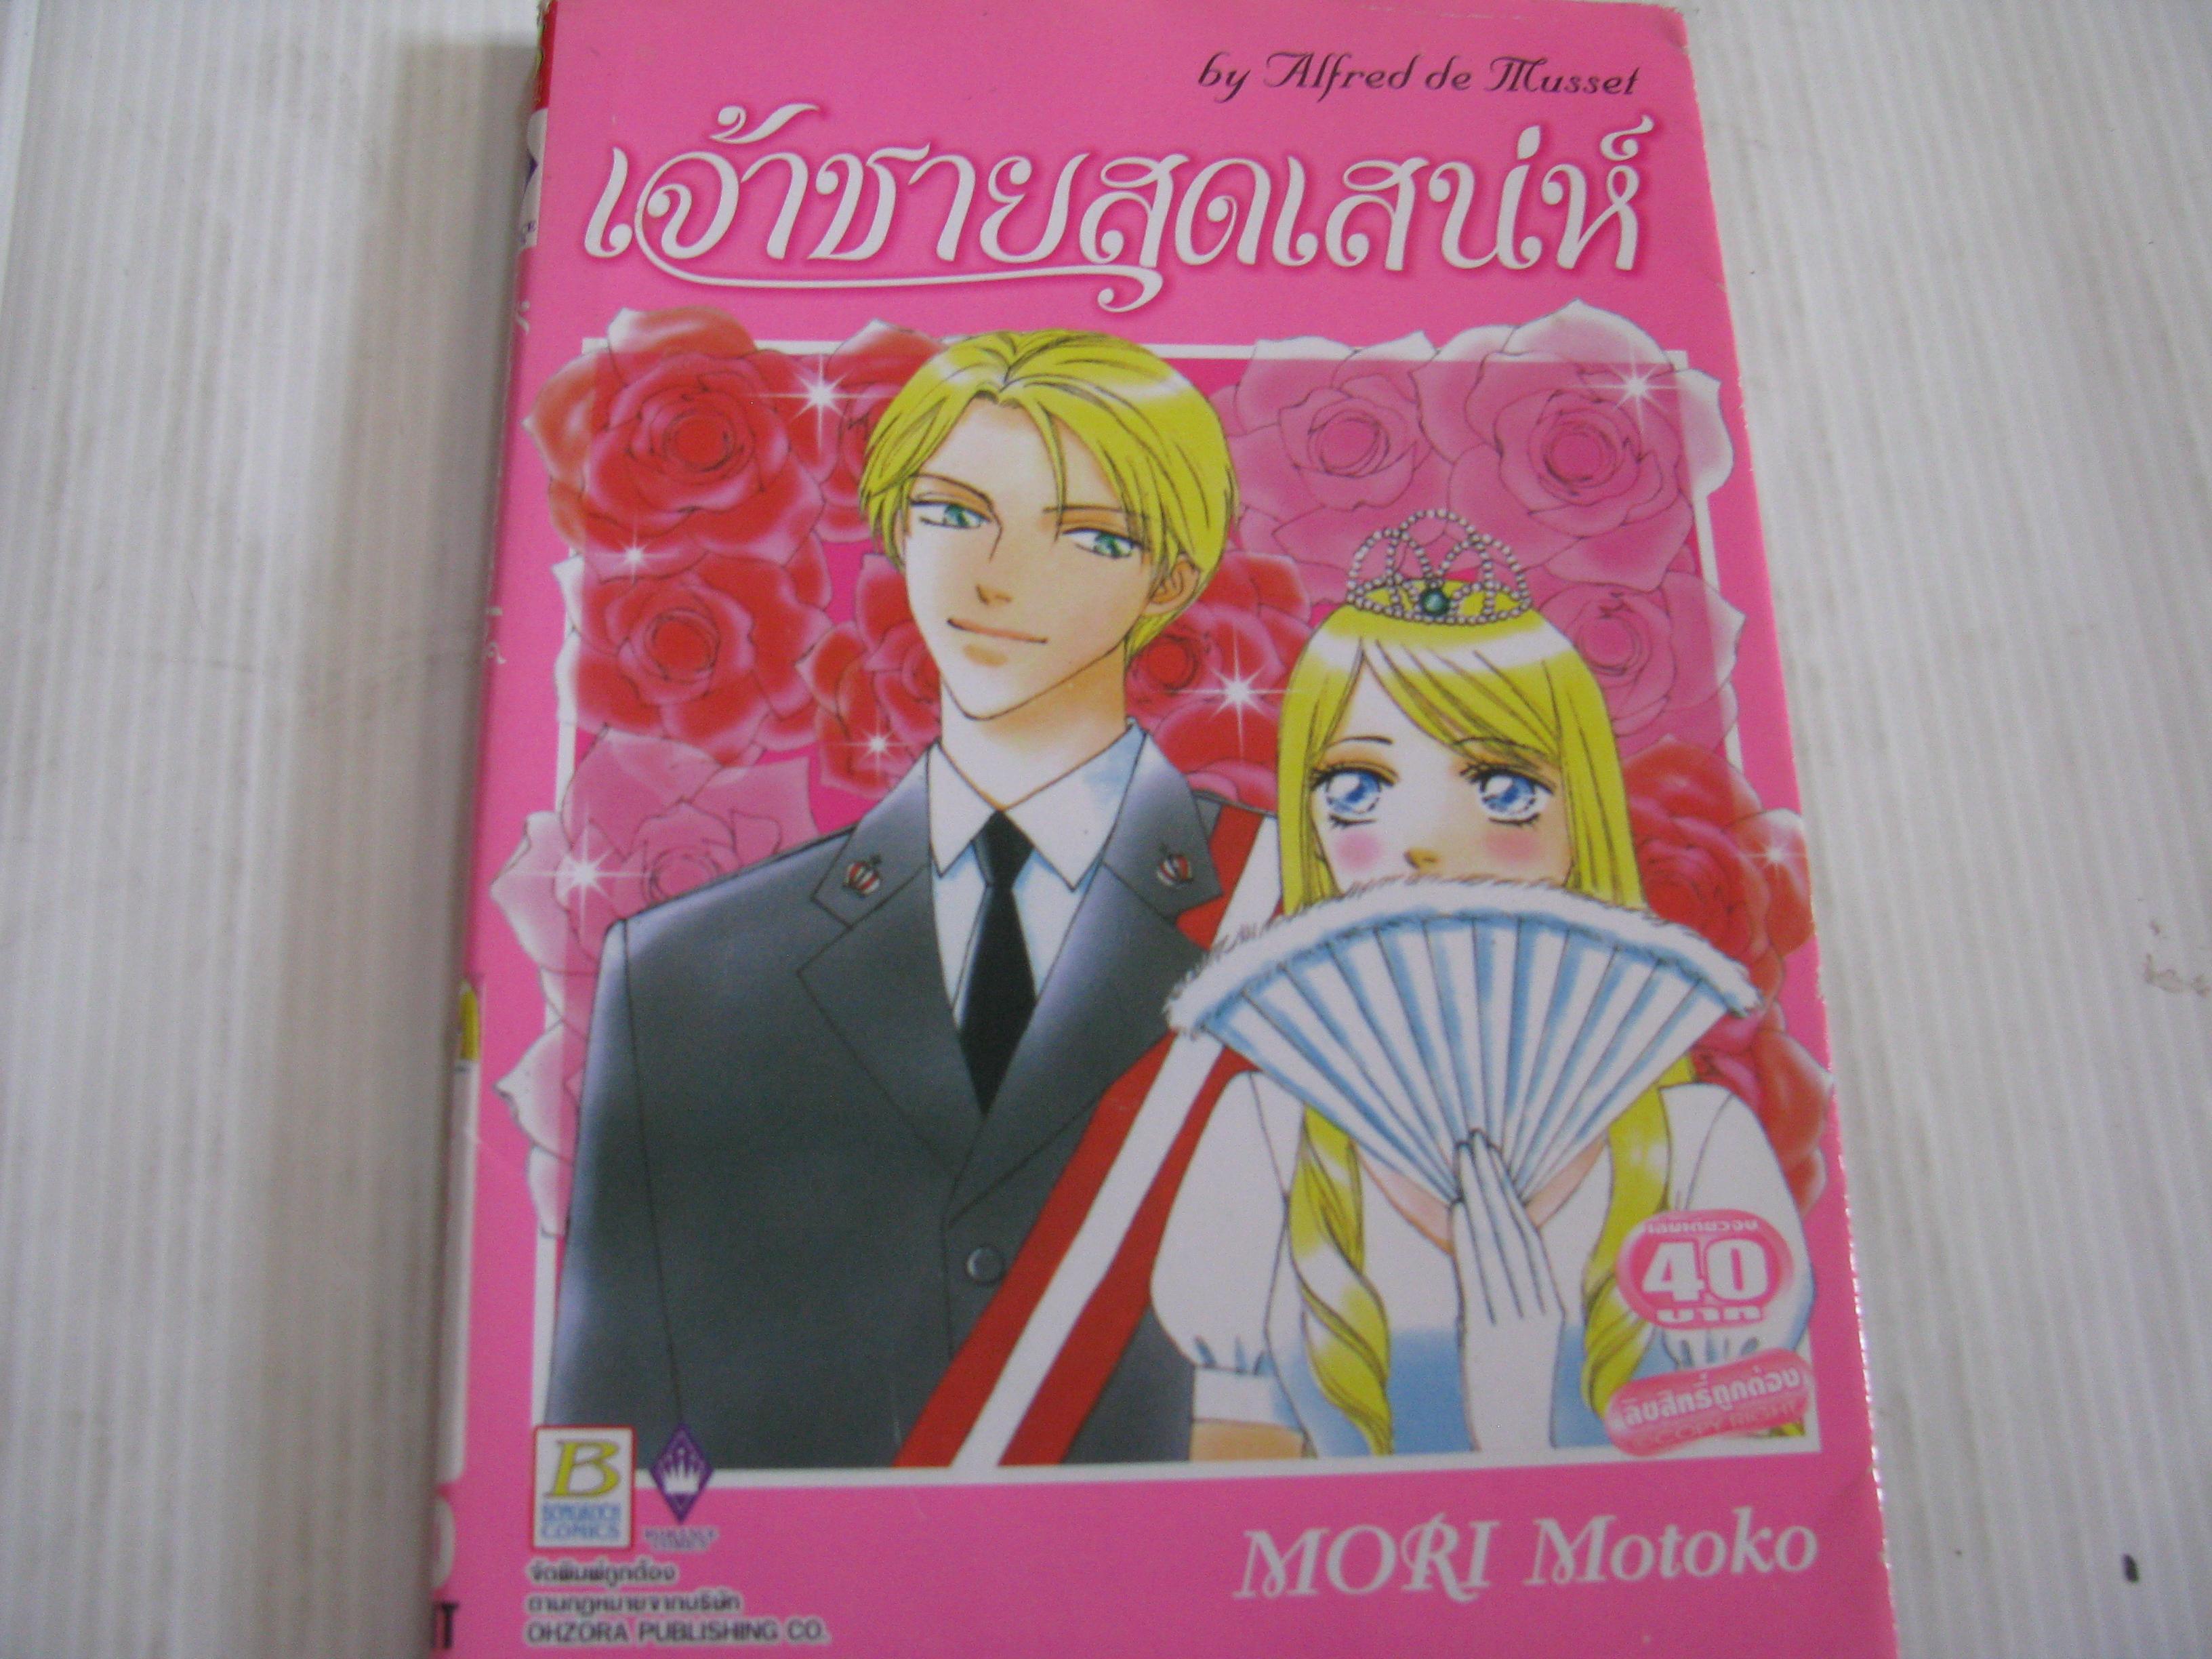 เจ้าชายสุดเสน่ห์ เล่มเดียวจบ Mori Motoko เขียน